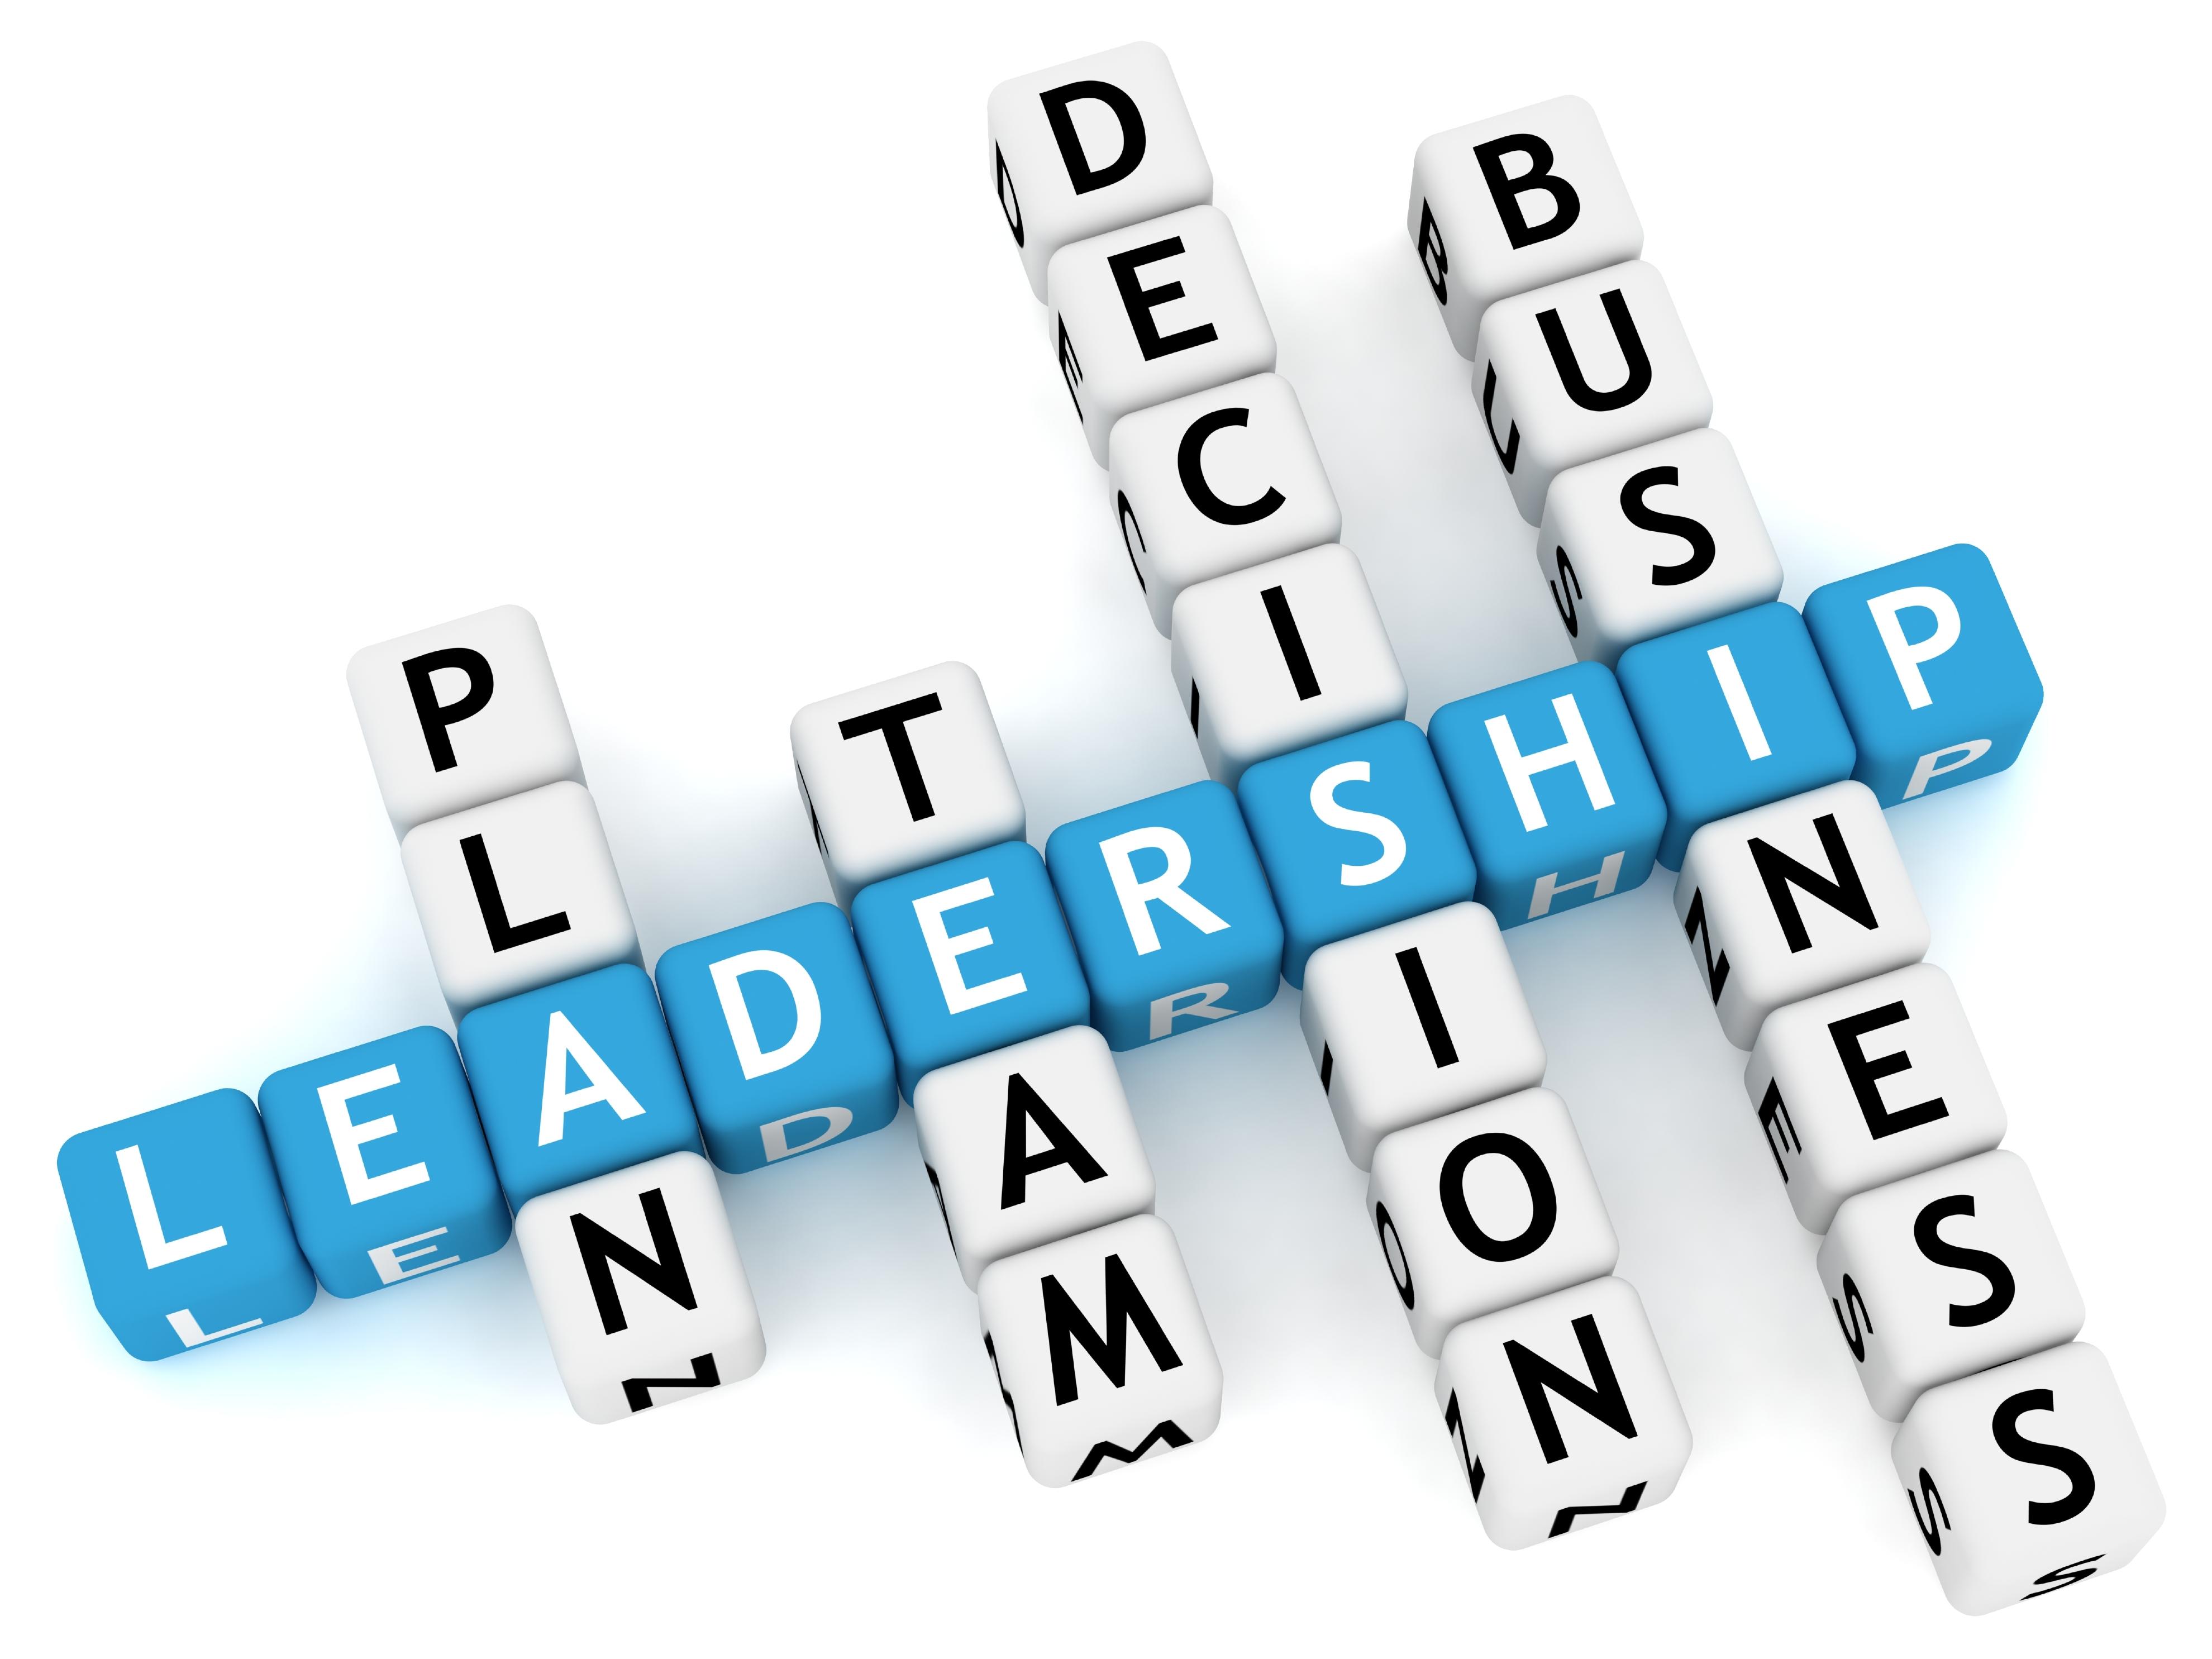 лидер, www.interesnotii.com